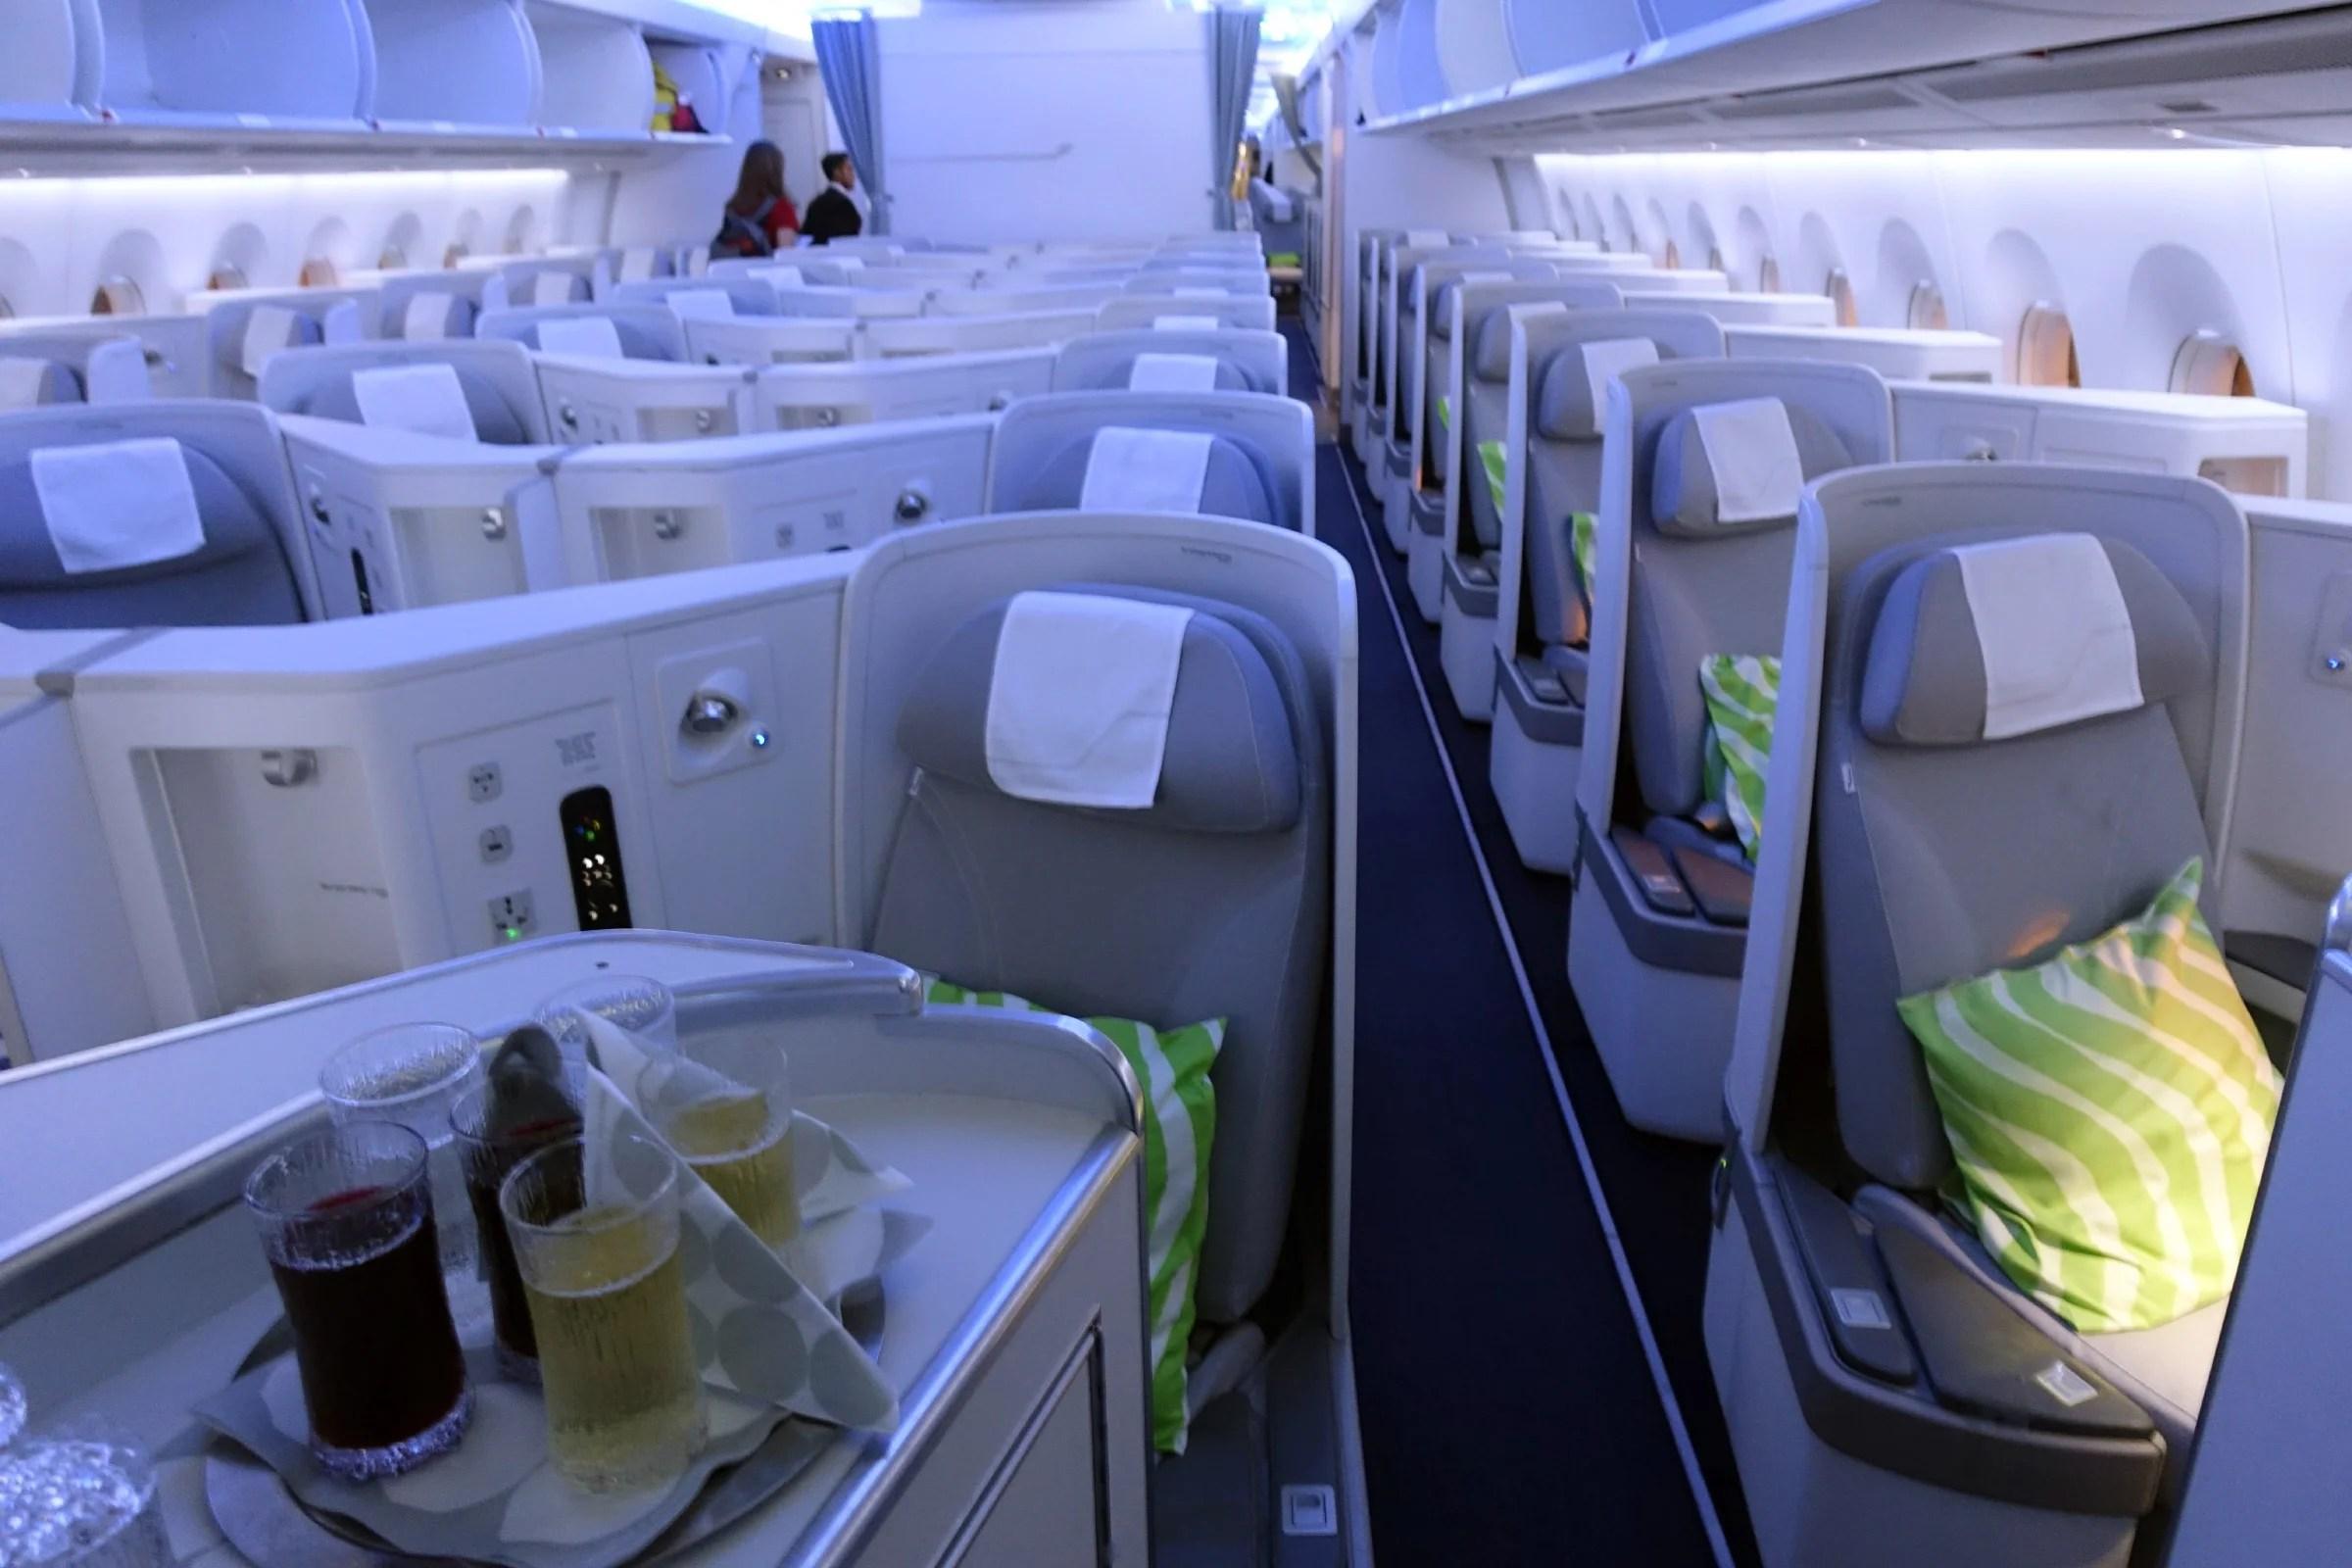 Finnair Business Class Seats Wwwmicrofinanceindiaorg